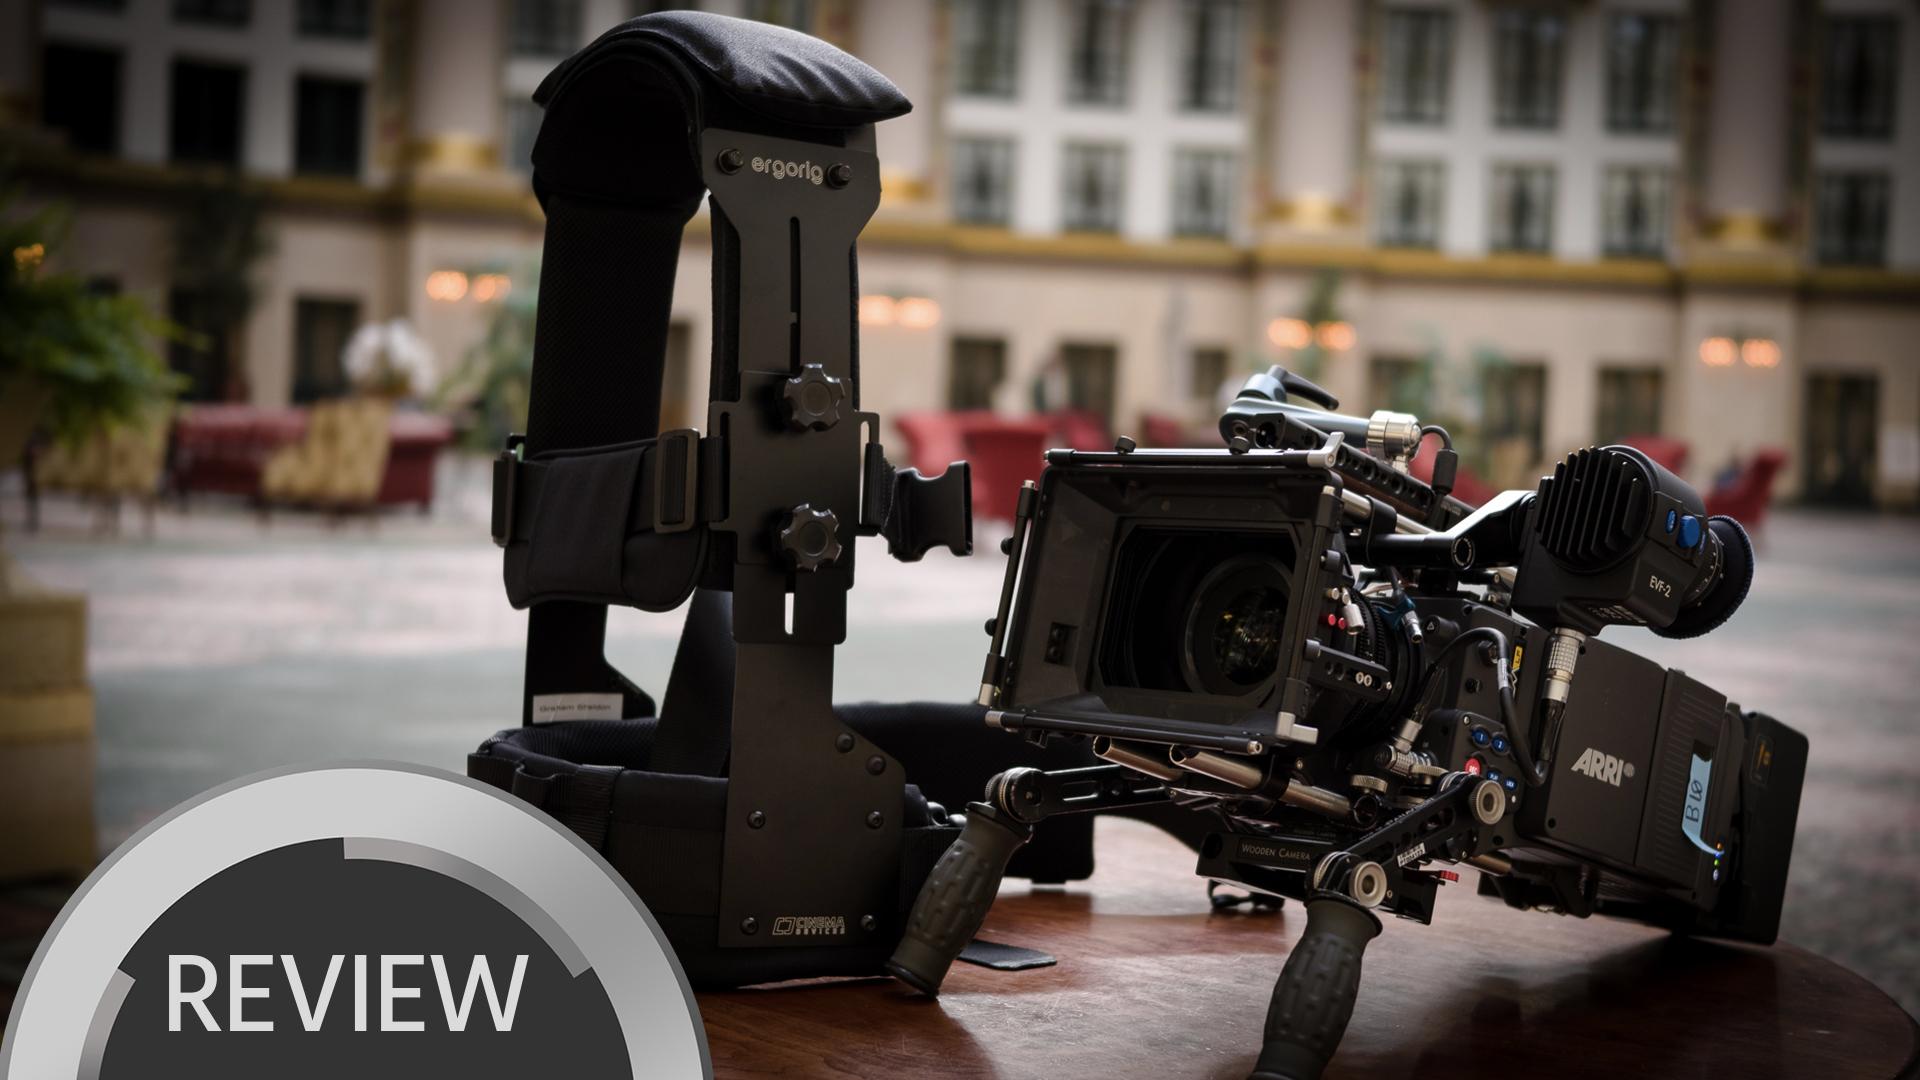 Reseña práctica del chaleco Ergorig Vest - Soporte de cámara fácil de usar